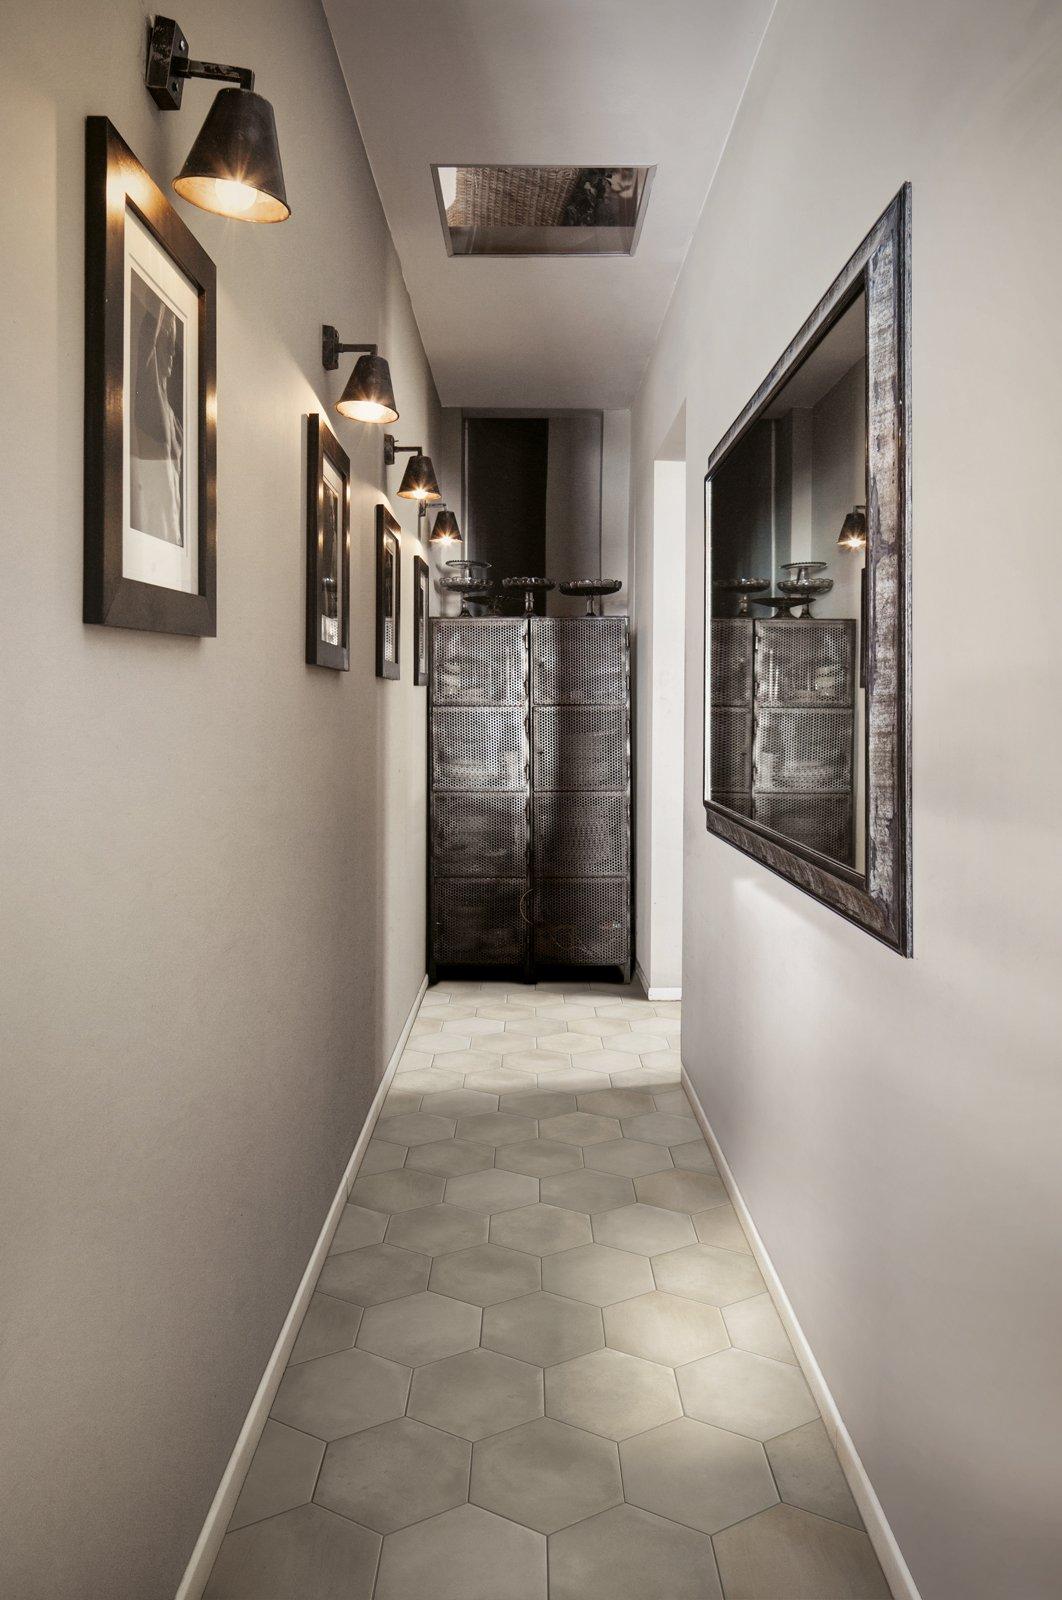 Piastrelle esagonali ritorno alla tradizione cose di casa - Immagini mattonelle bagno ...